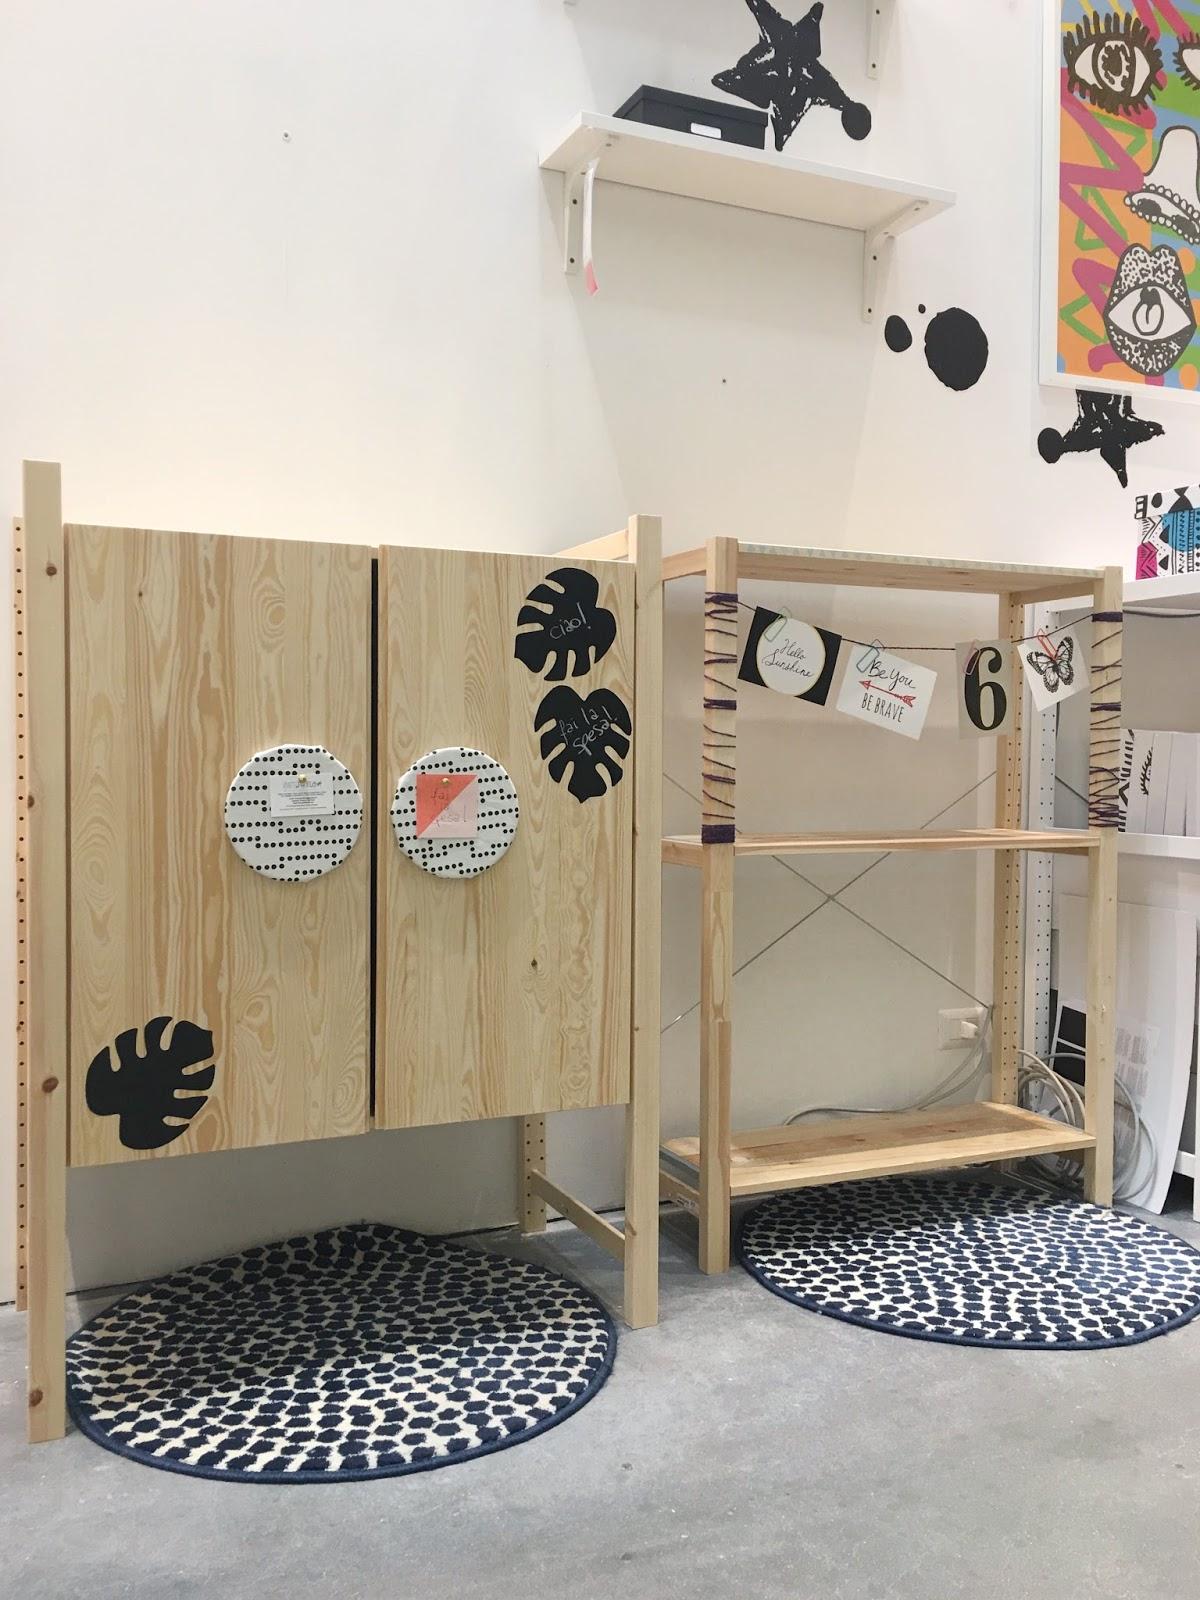 Macchine A Piedi Nudi Ikea